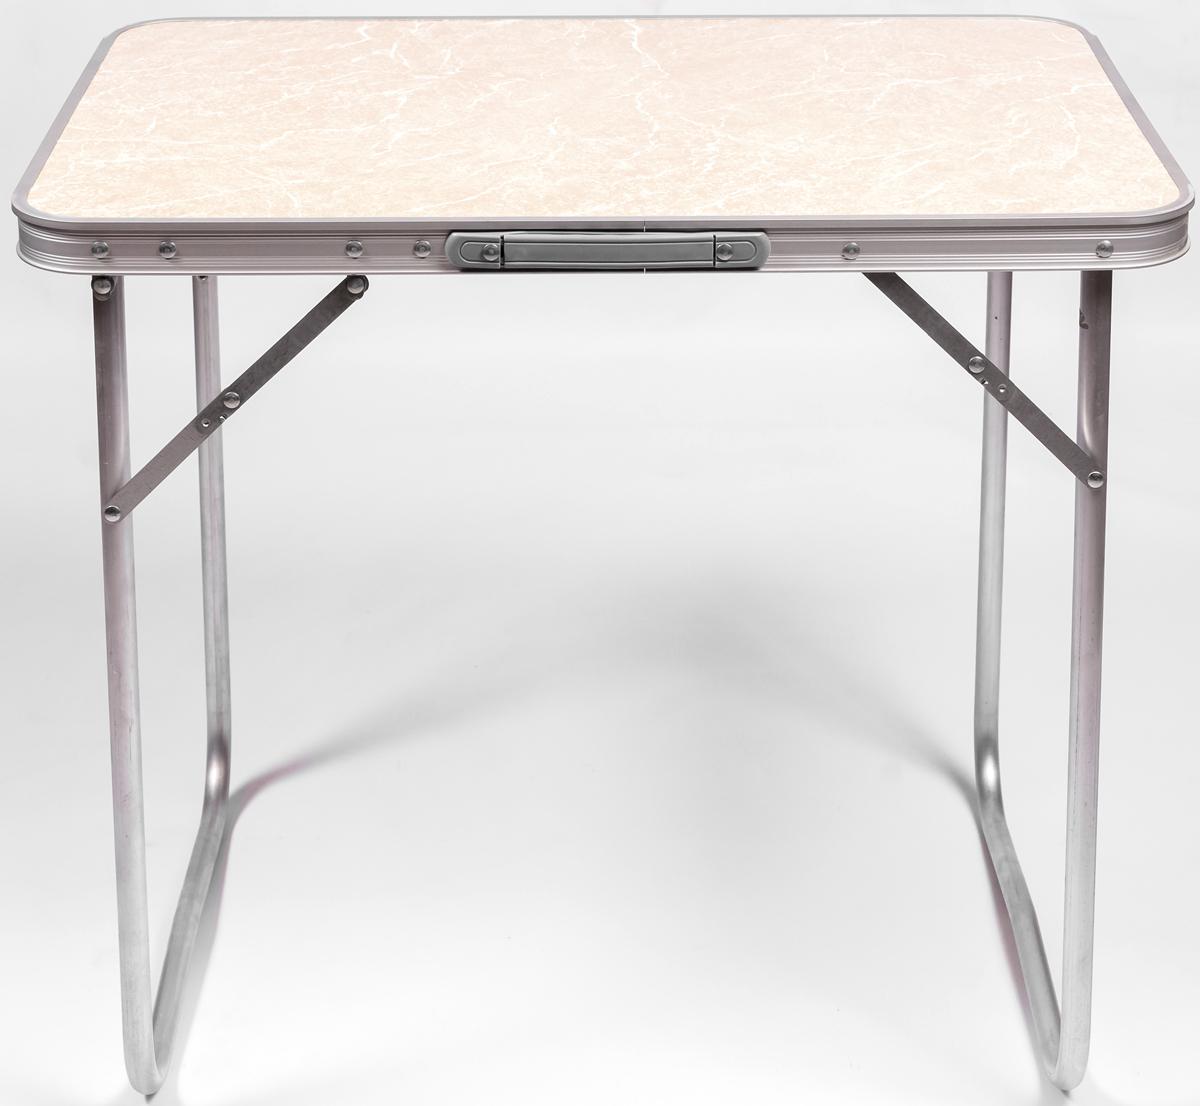 Стол складной Green Glade, цвет: бежевый. Р105 стул складной для сада green glade 54х47х89 см